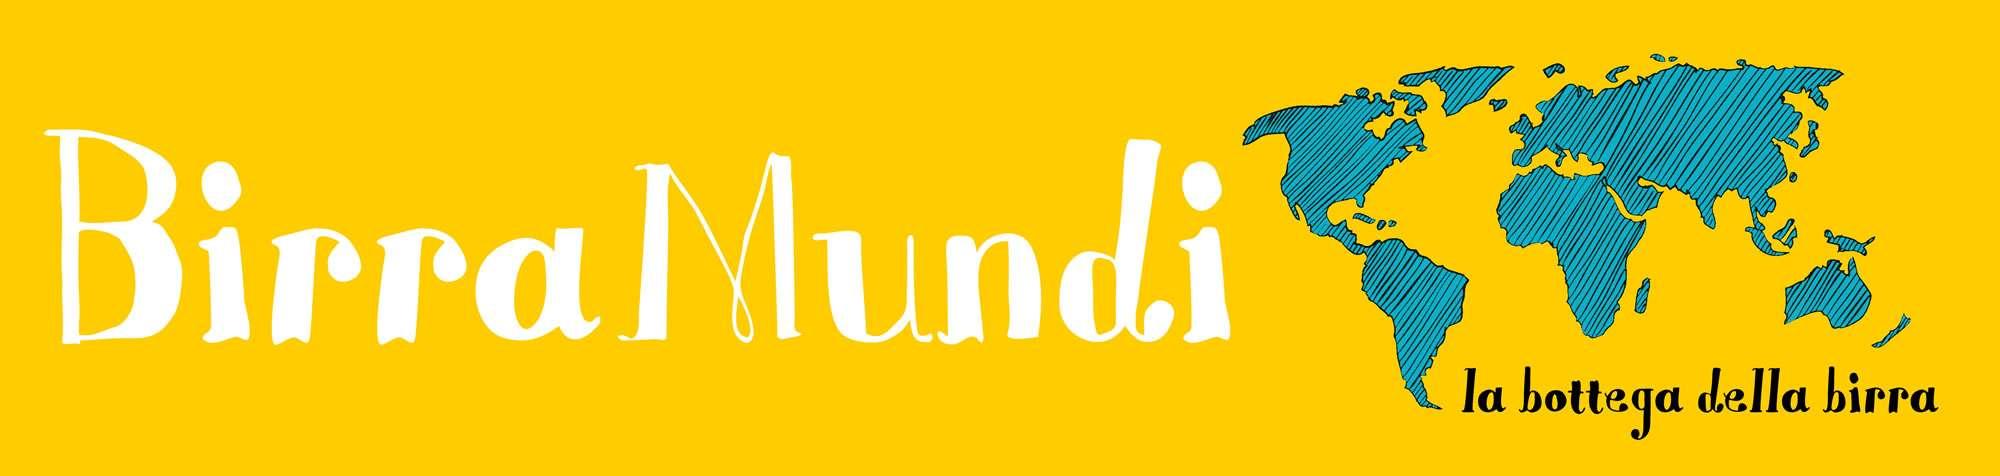 BIrra Mundi Logo